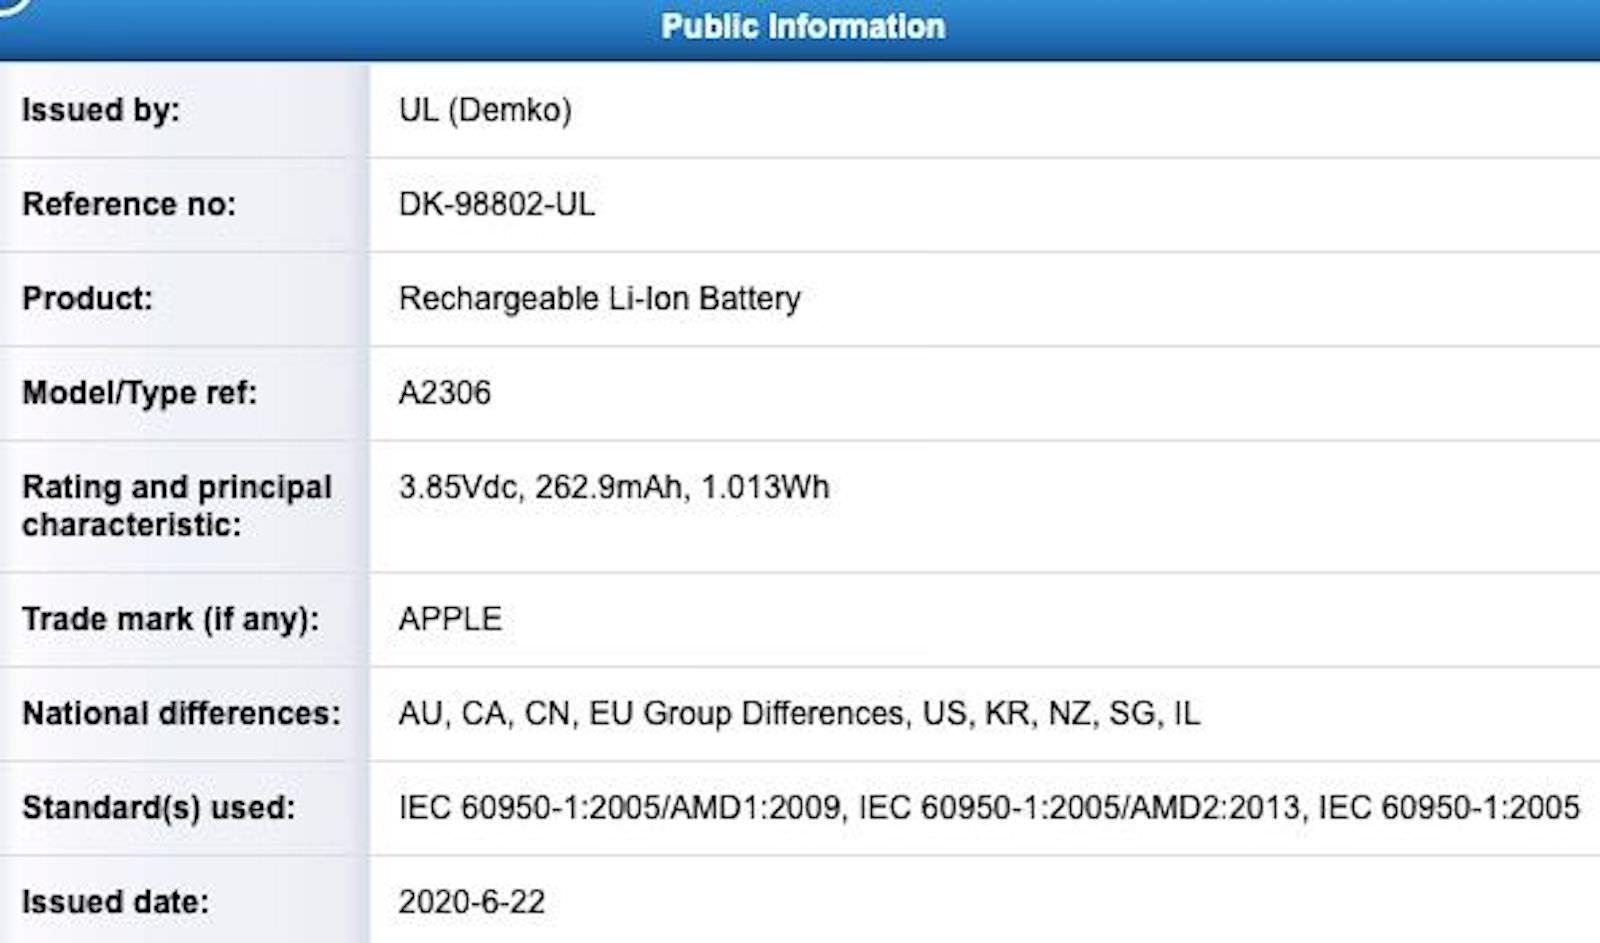 Apple A2306 UL Demko Battery